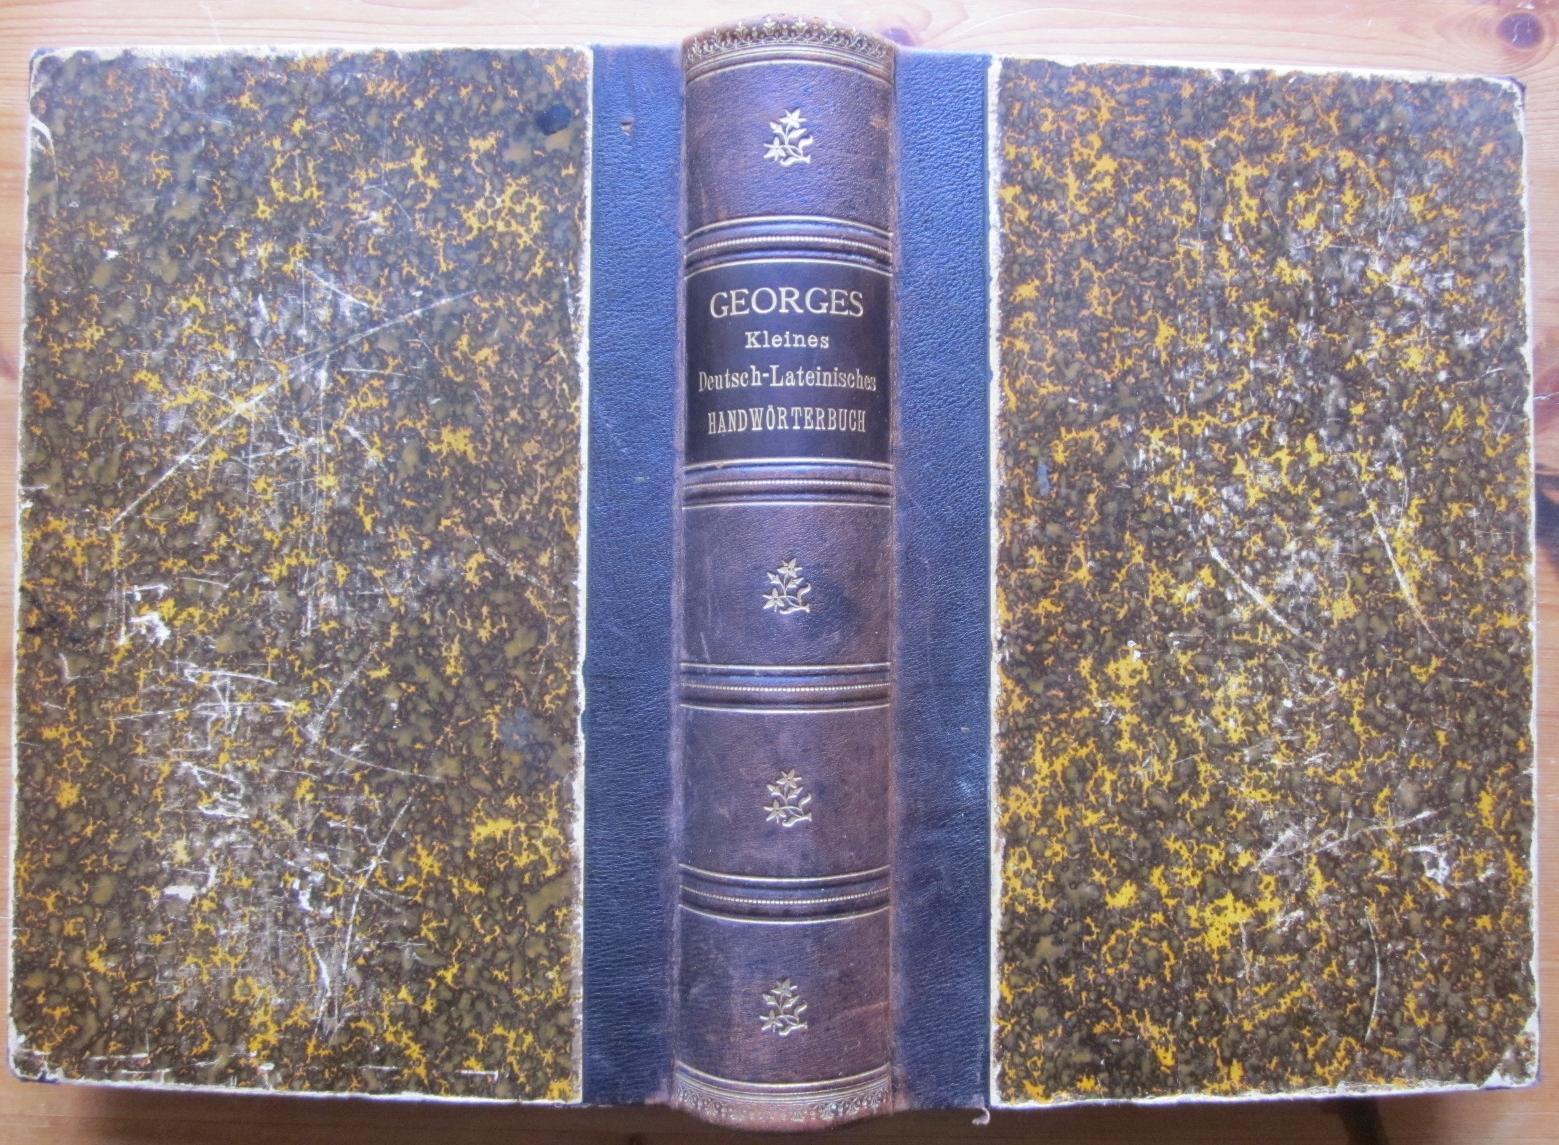 Kleines deutsch-lateinisches Handwörterbuch.: Georges, Karl Ernst: